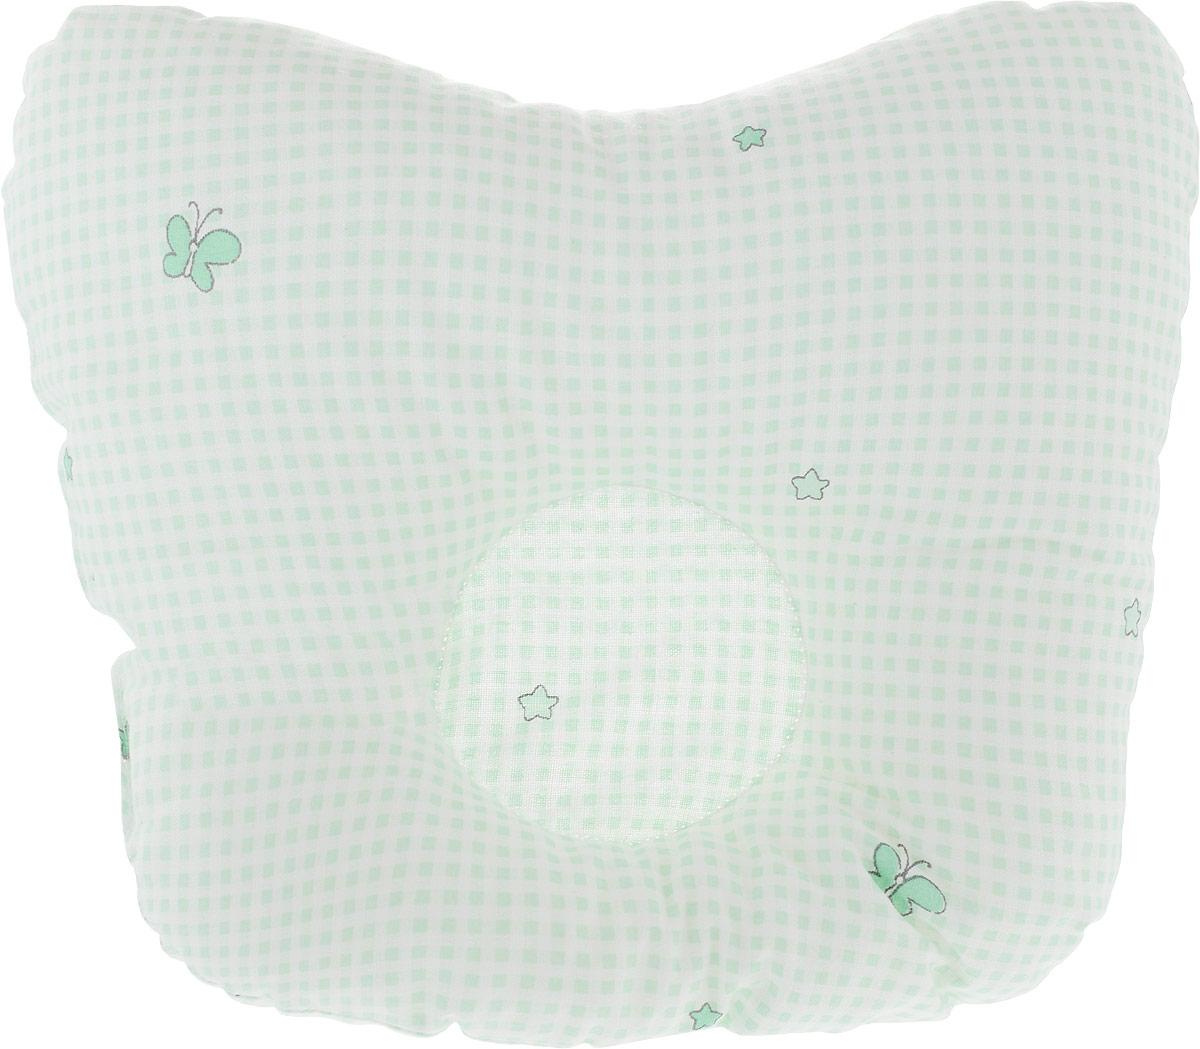 Сонный гномик Подушка анатомическая для младенцев 27 х 27 см555А_салатовыйАнатомическая подушка для младенцев Сонный гномик изготовлена из бязи - 100% хлопка. Наполнитель - синтепон в гранулах (100% полиэстер).Подушка компактна и удобна для пеленания малыша и кормления на руках, она также незаменима для сна ребенка в кроватке и комфортна для использования в коляске на прогулке. Углубление в подушке фиксирует правильное положение головы ребенка.Подушка помогает правильному формированию шейного отдела позвоночника.